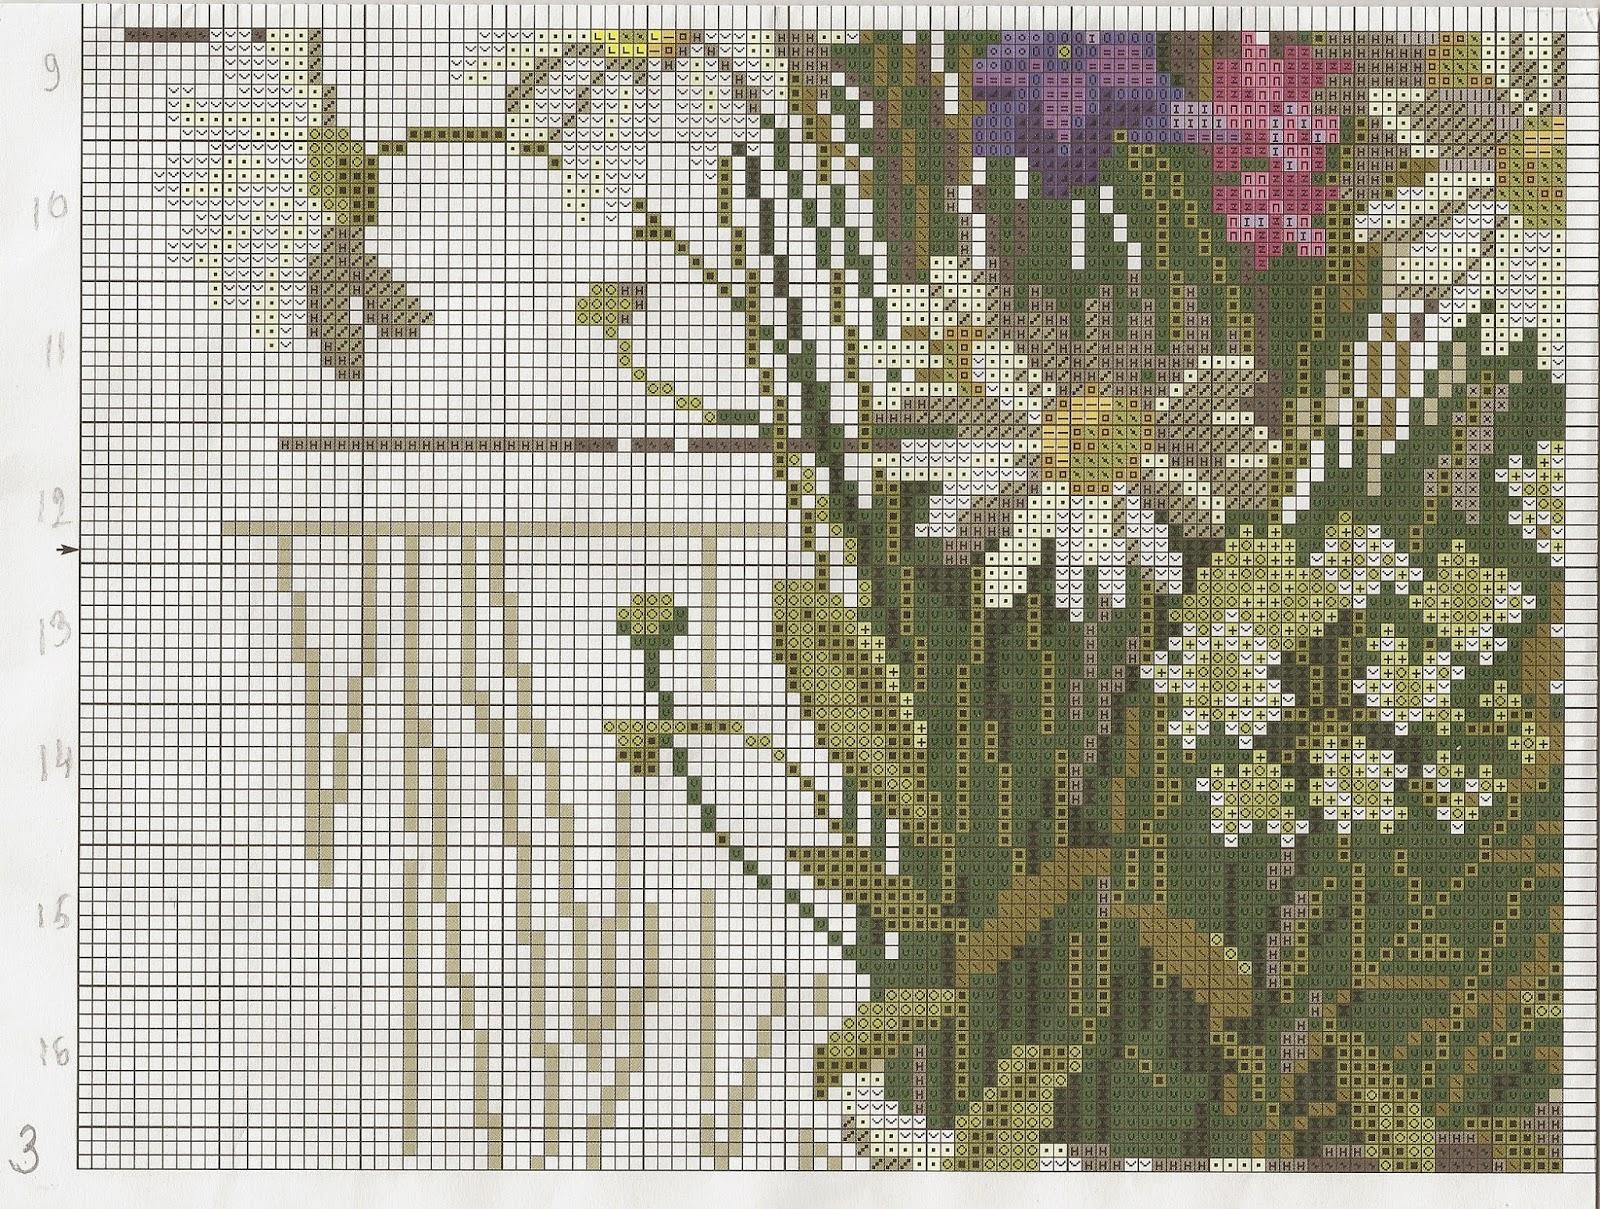 вышивка три ангела схема с указанием цветов